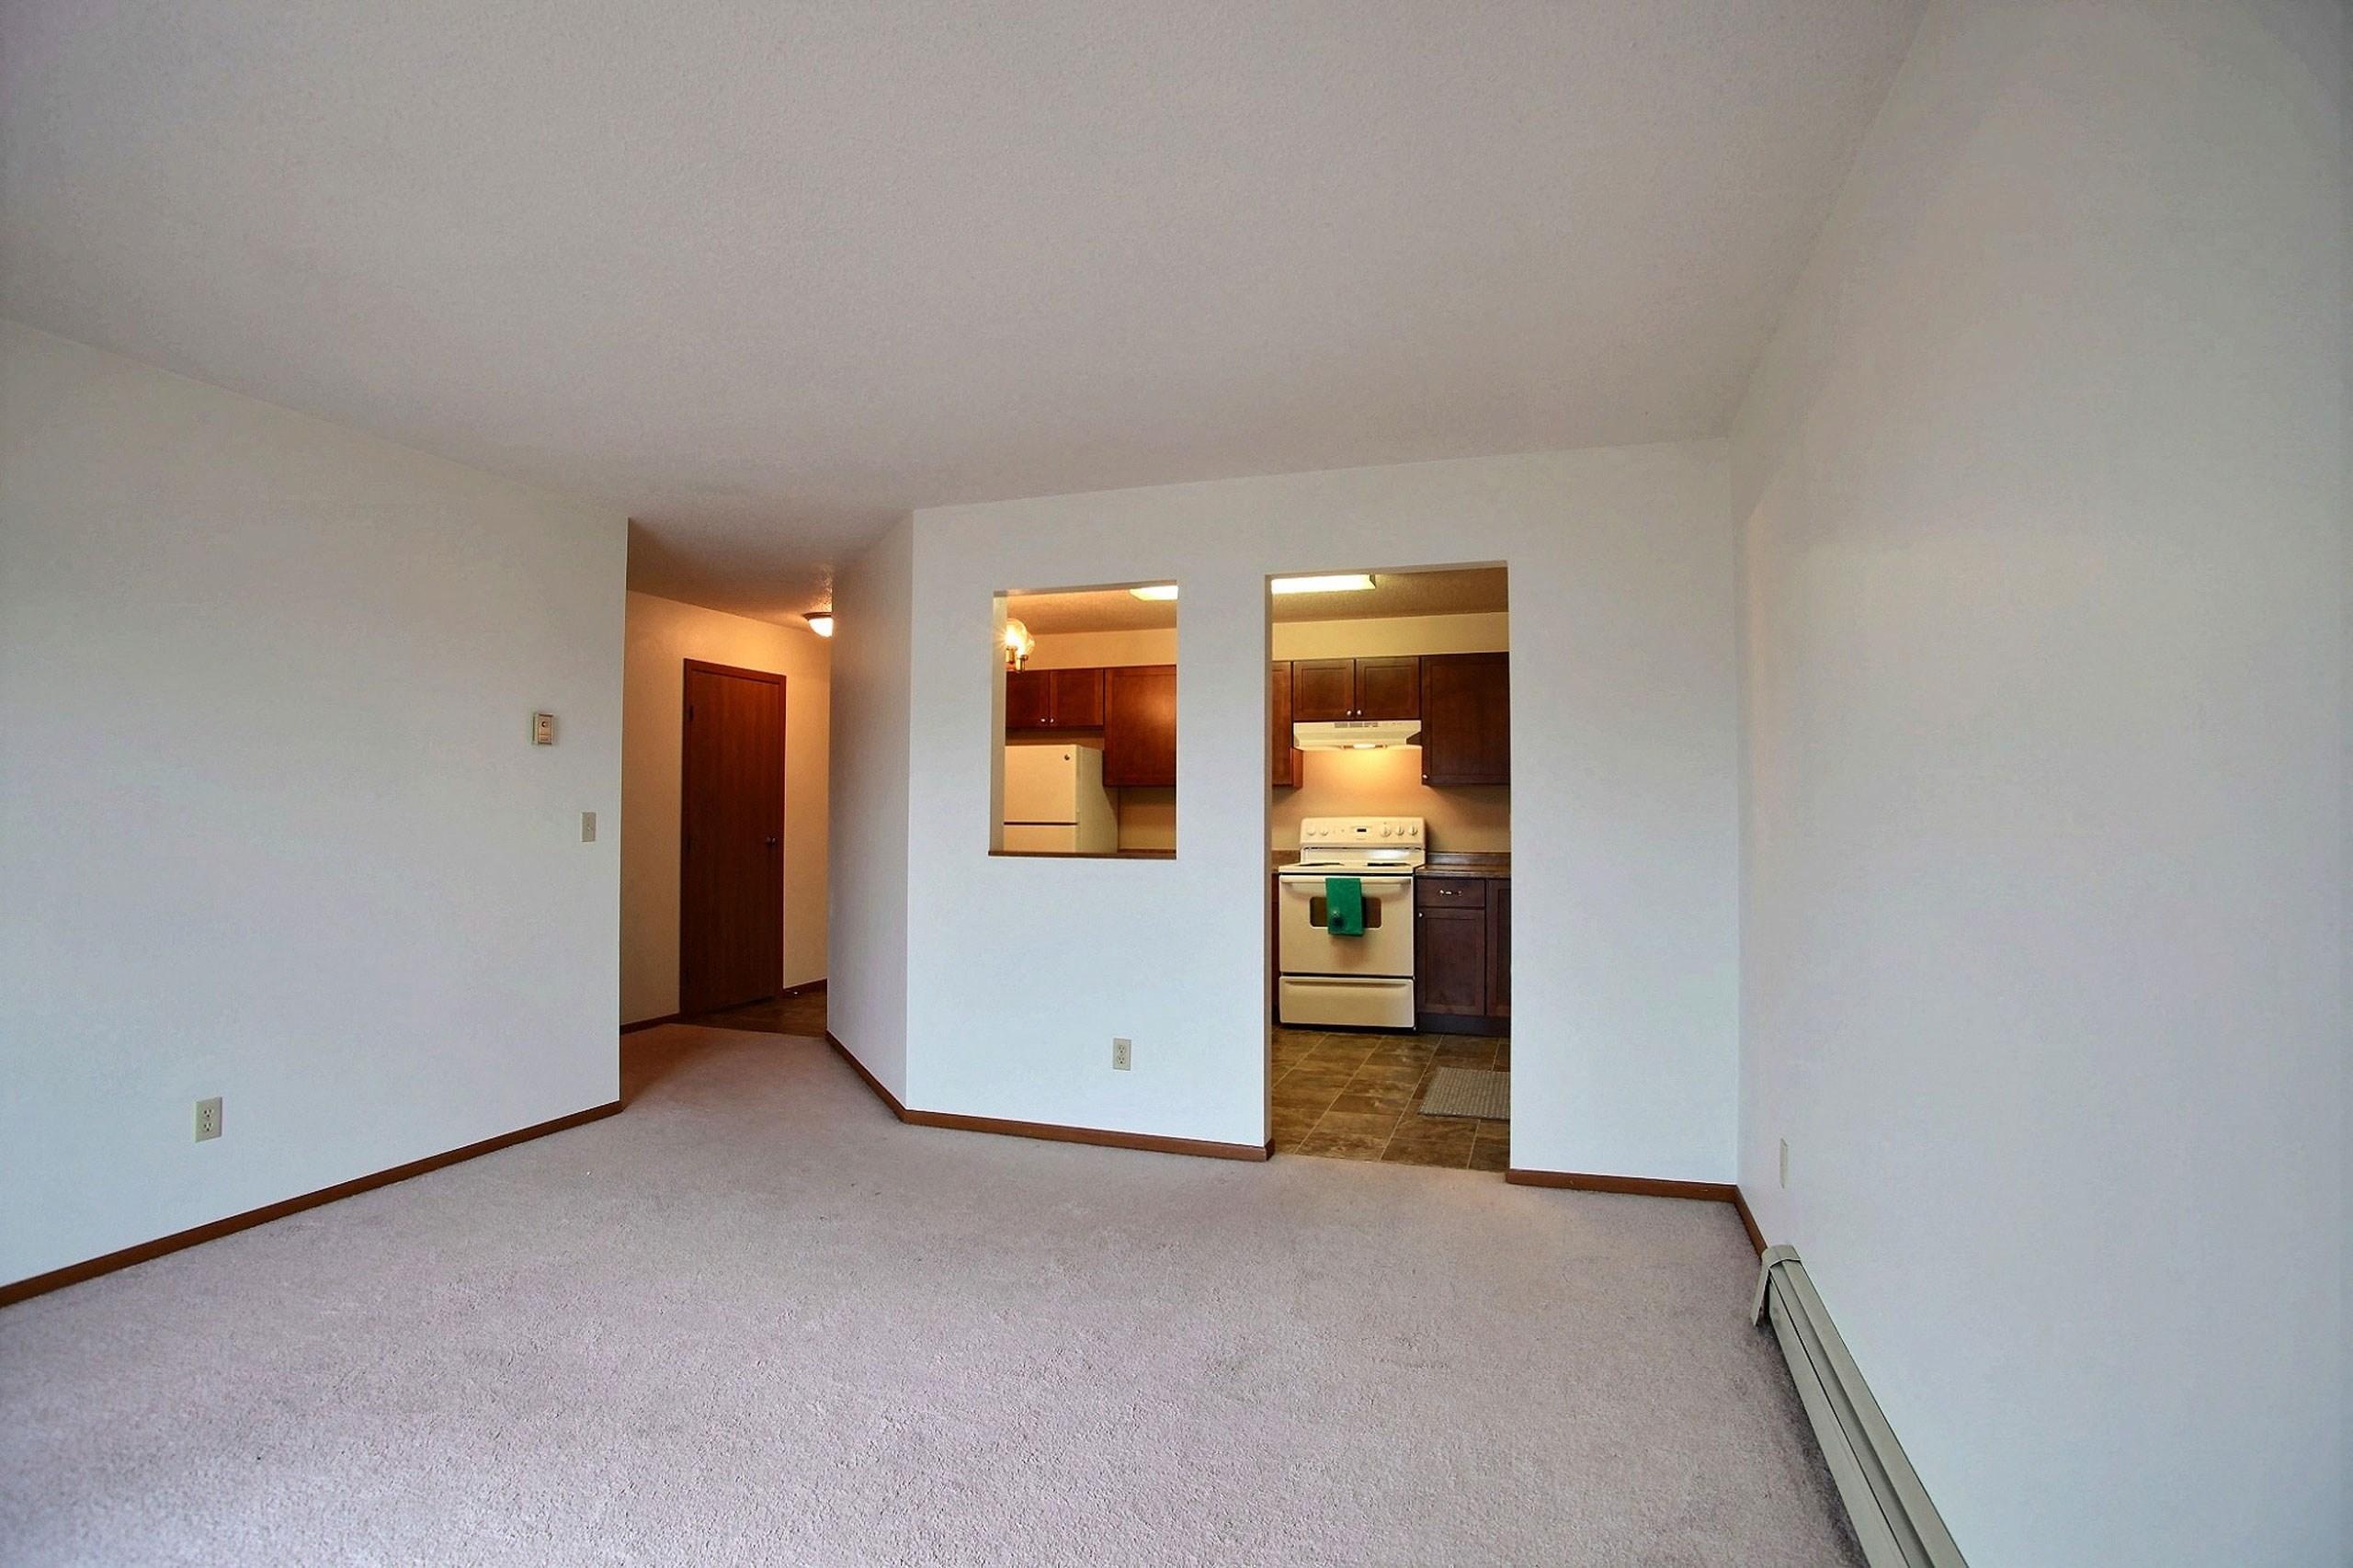 Westwood Estates Apartments | 2 Bdrm-Lvng Rm-Plan C